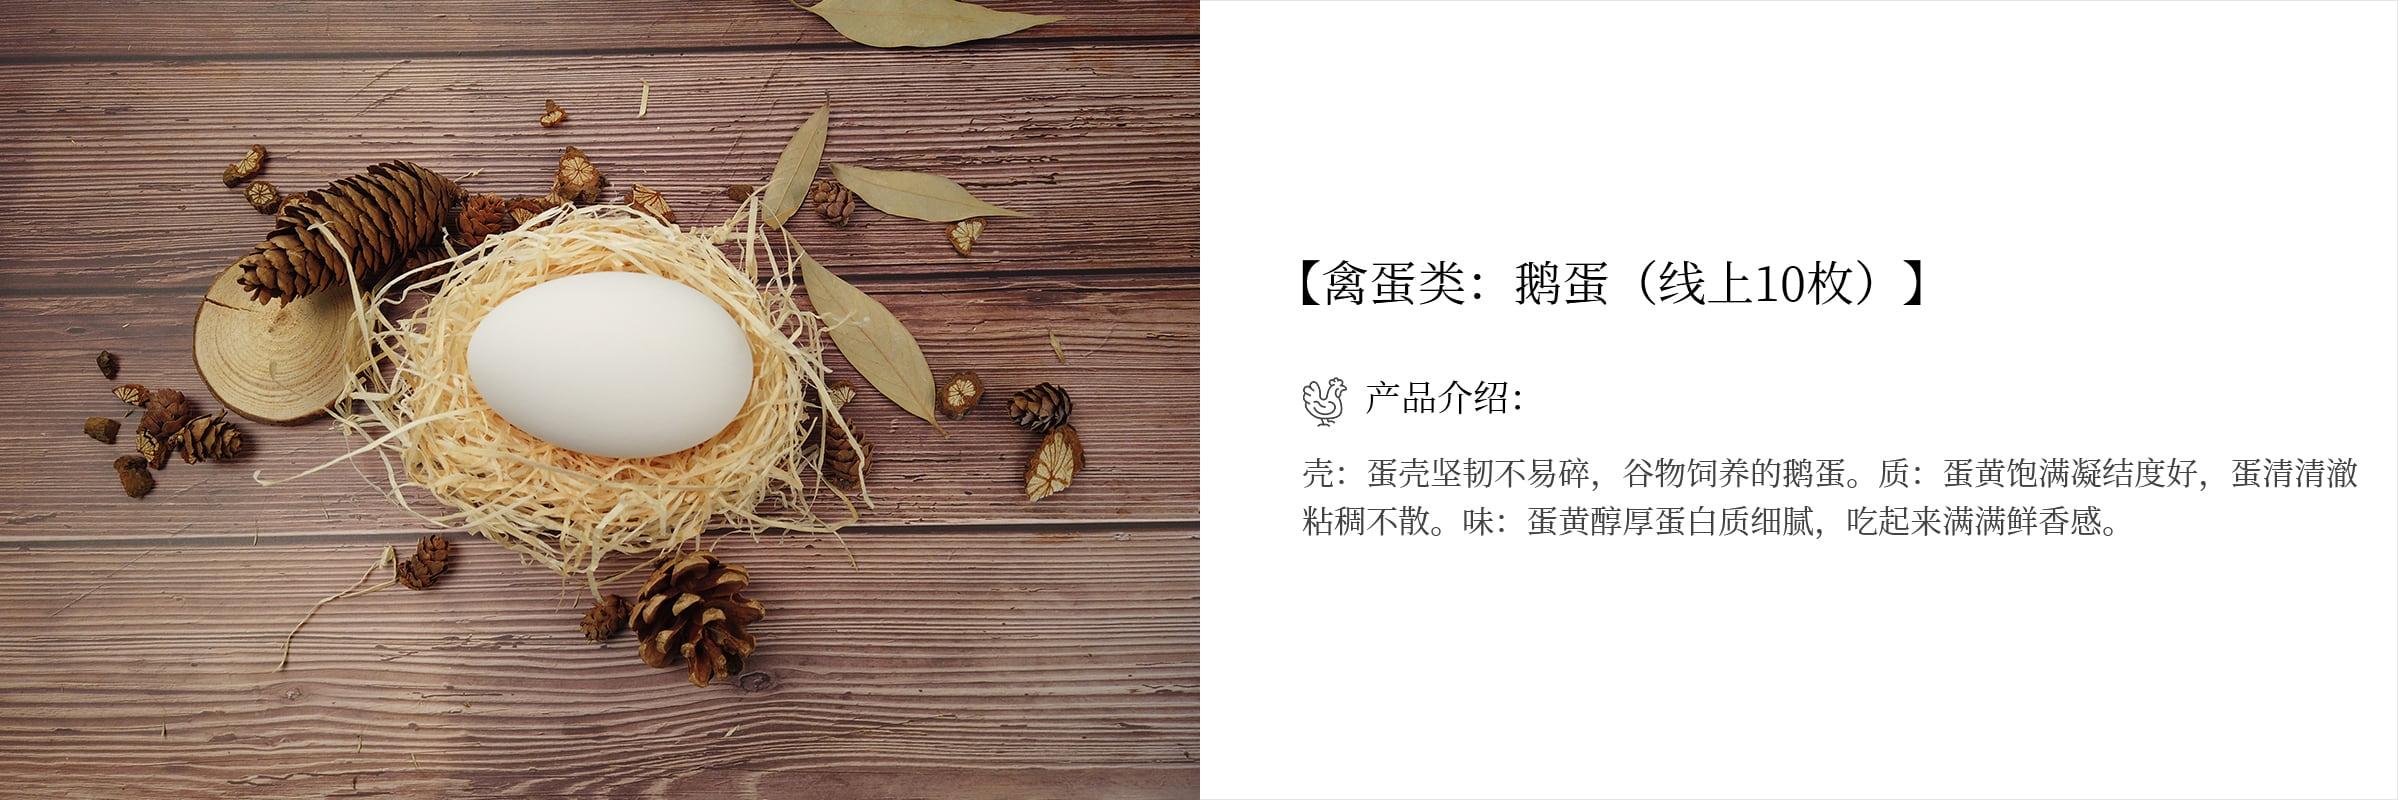 产品详情_11_10.jpg